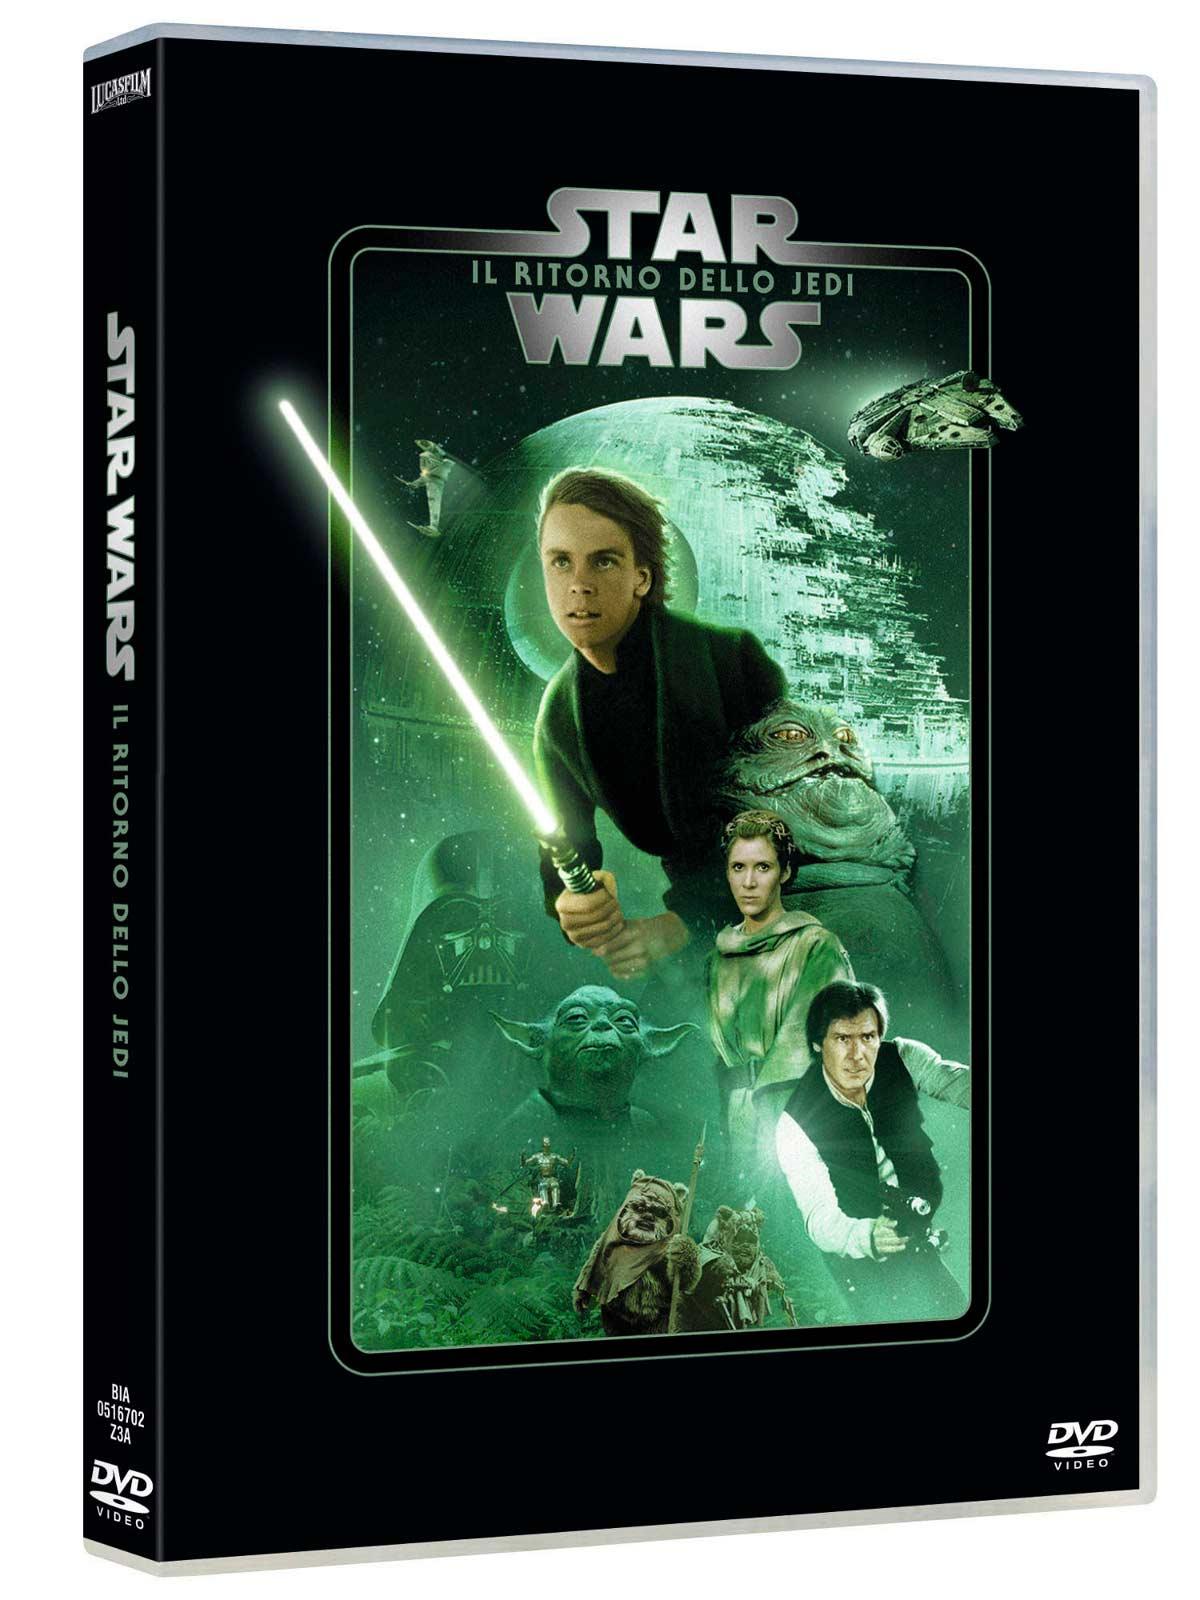 STAR WARS - EPISODIO VI - IL RITORNO DELLO JEDI (DVD)